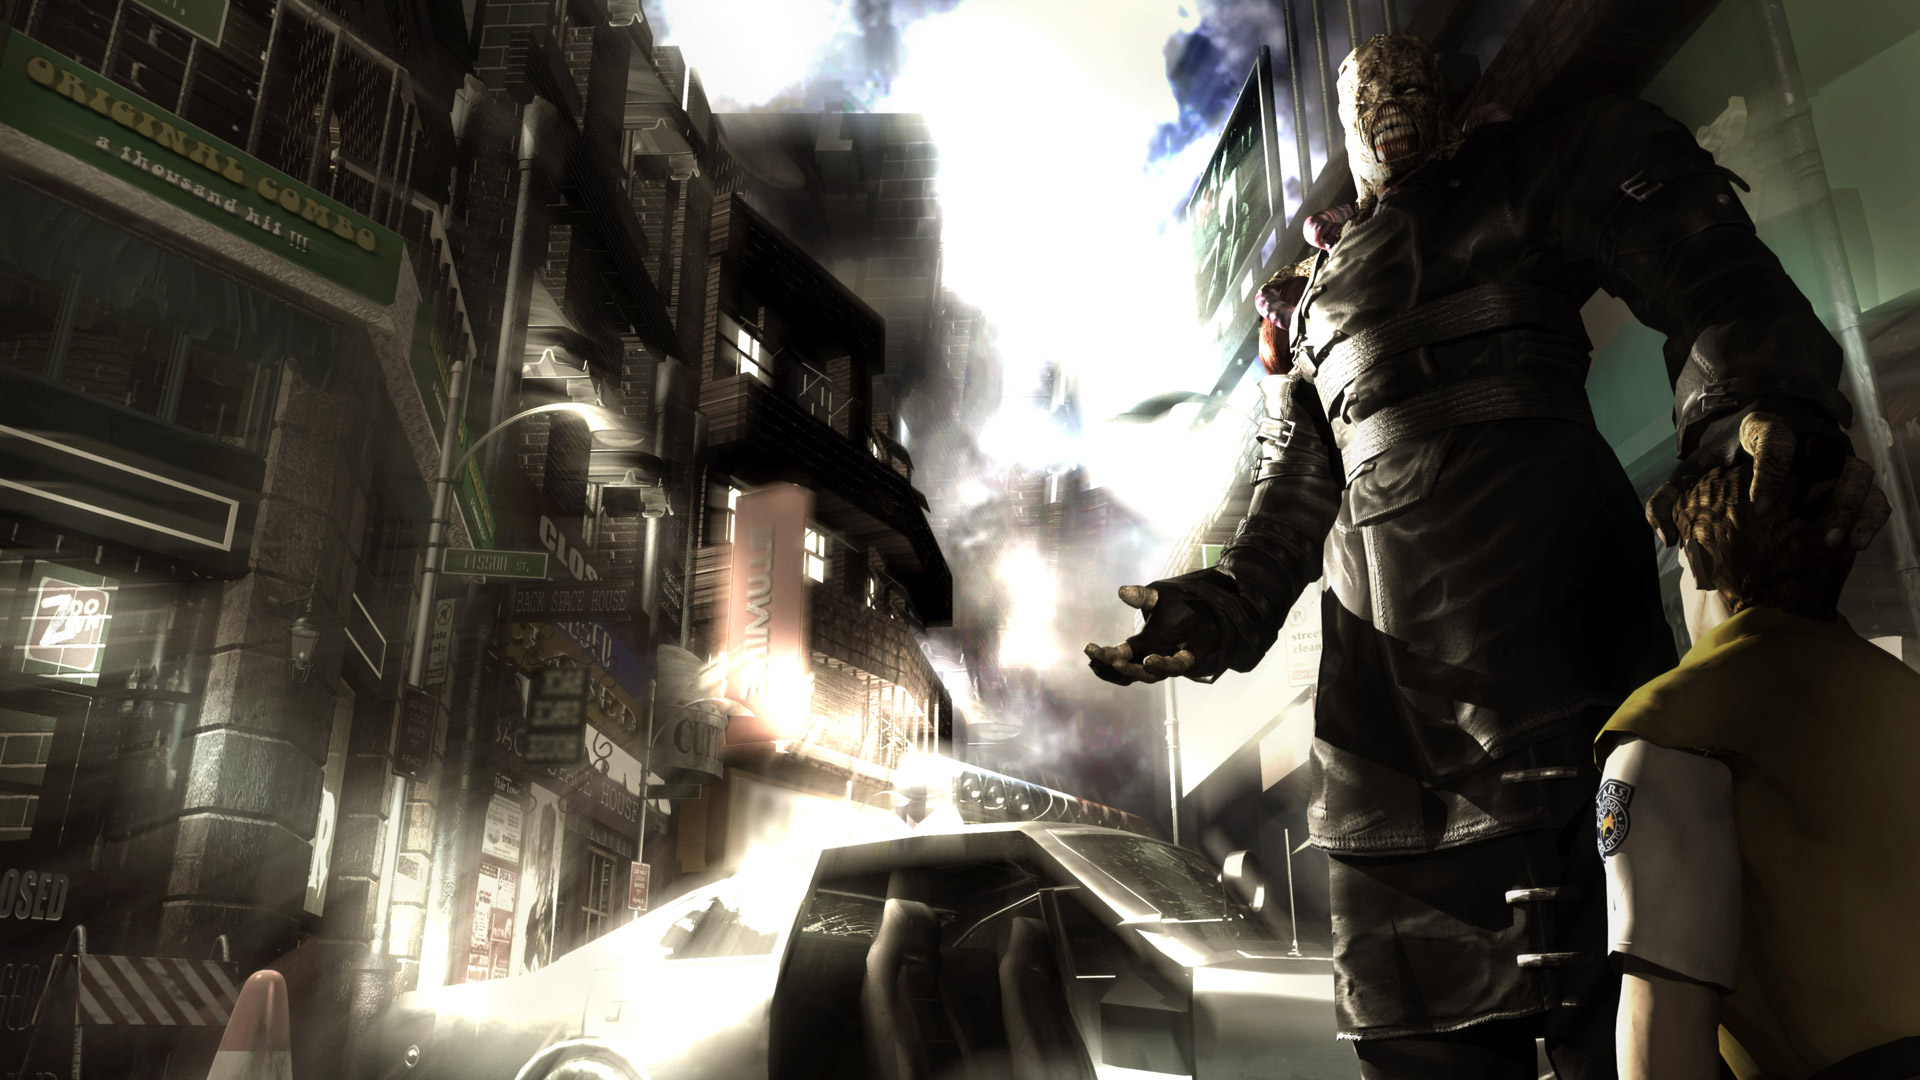 Free Resident Evil 3: Nemesis Wallpaper in 1920x1080